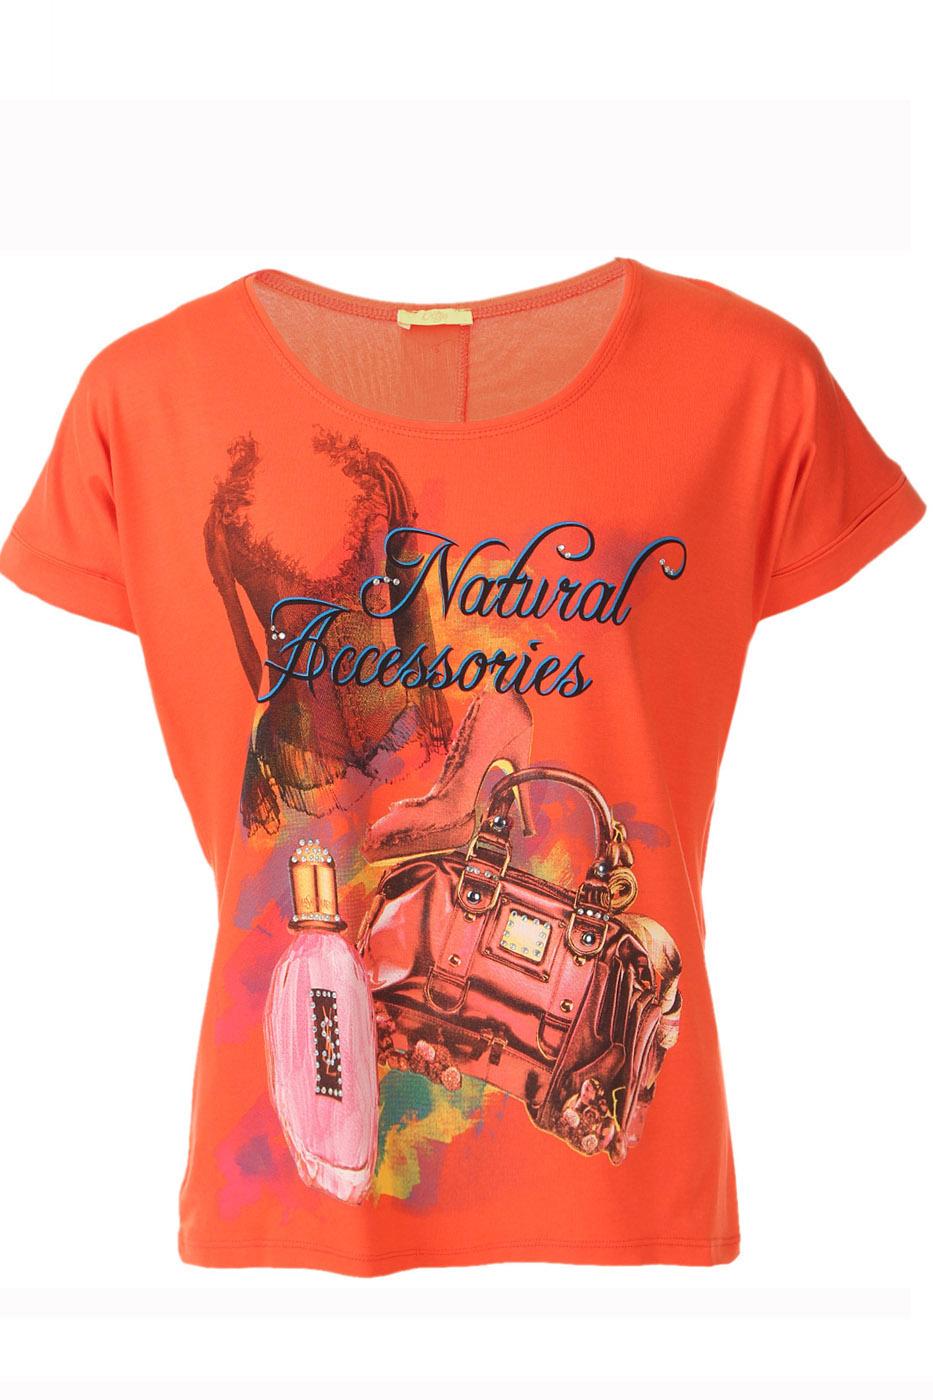 ФутболкаФутболки<br>Потрясающая футболка с элегантным узором, сзади скроена длиннее чем спереди настоящая приманка для глаз, гарантирующая стильный выход Короткий рукав и округлый вырез горловины.  Цвет: оранжевый, мультицвет  Ростовка изделия 170 см.  Парметры изделия: 40 размер - обхват груди 74-77 см., обхват талии 60-62 см. 42 размер - обхват груди 78-81 см., обхват талии 63-65 см. 44 размер - обхват груди 82-85 см., обхват талии 66-69 см. 46 размер - обхват груди 86-89 см., обхват талии 70-73 см. 48 размер - обхват груди 90-93 см., обхват талии 74-77 см. 50 размер - обхват груди 94-97 см., обхват талии 78-81 см. 52 размер - обхват груди 98-102 см., обхват талии 82-86 см. 54 размер - обхват груди 103-107 см., обхват талии 87-91 см. 56 размер - обхват груди 108-113 см., обхват талии 92-96 см. 58/60 размер - обхват груди 114-119 см., обхват талии 97-102 см. 62 размер - обхват груди 120-125 см., обхват талии 103-108 см.<br><br>Горловина: С- горловина<br>По материалу: Вискоза,Трикотаж<br>По образу: Город,Свидание<br>По рисунку: С принтом,Цветные<br>По сезону: Весна,Всесезон,Зима,Лето,Осень<br>По силуэту: Полуприталенные<br>По стилю: Повседневный стиль<br>Рукав: Короткий рукав<br>Размер : 48,50<br>Материал: Вискоза<br>Количество в наличии: 1